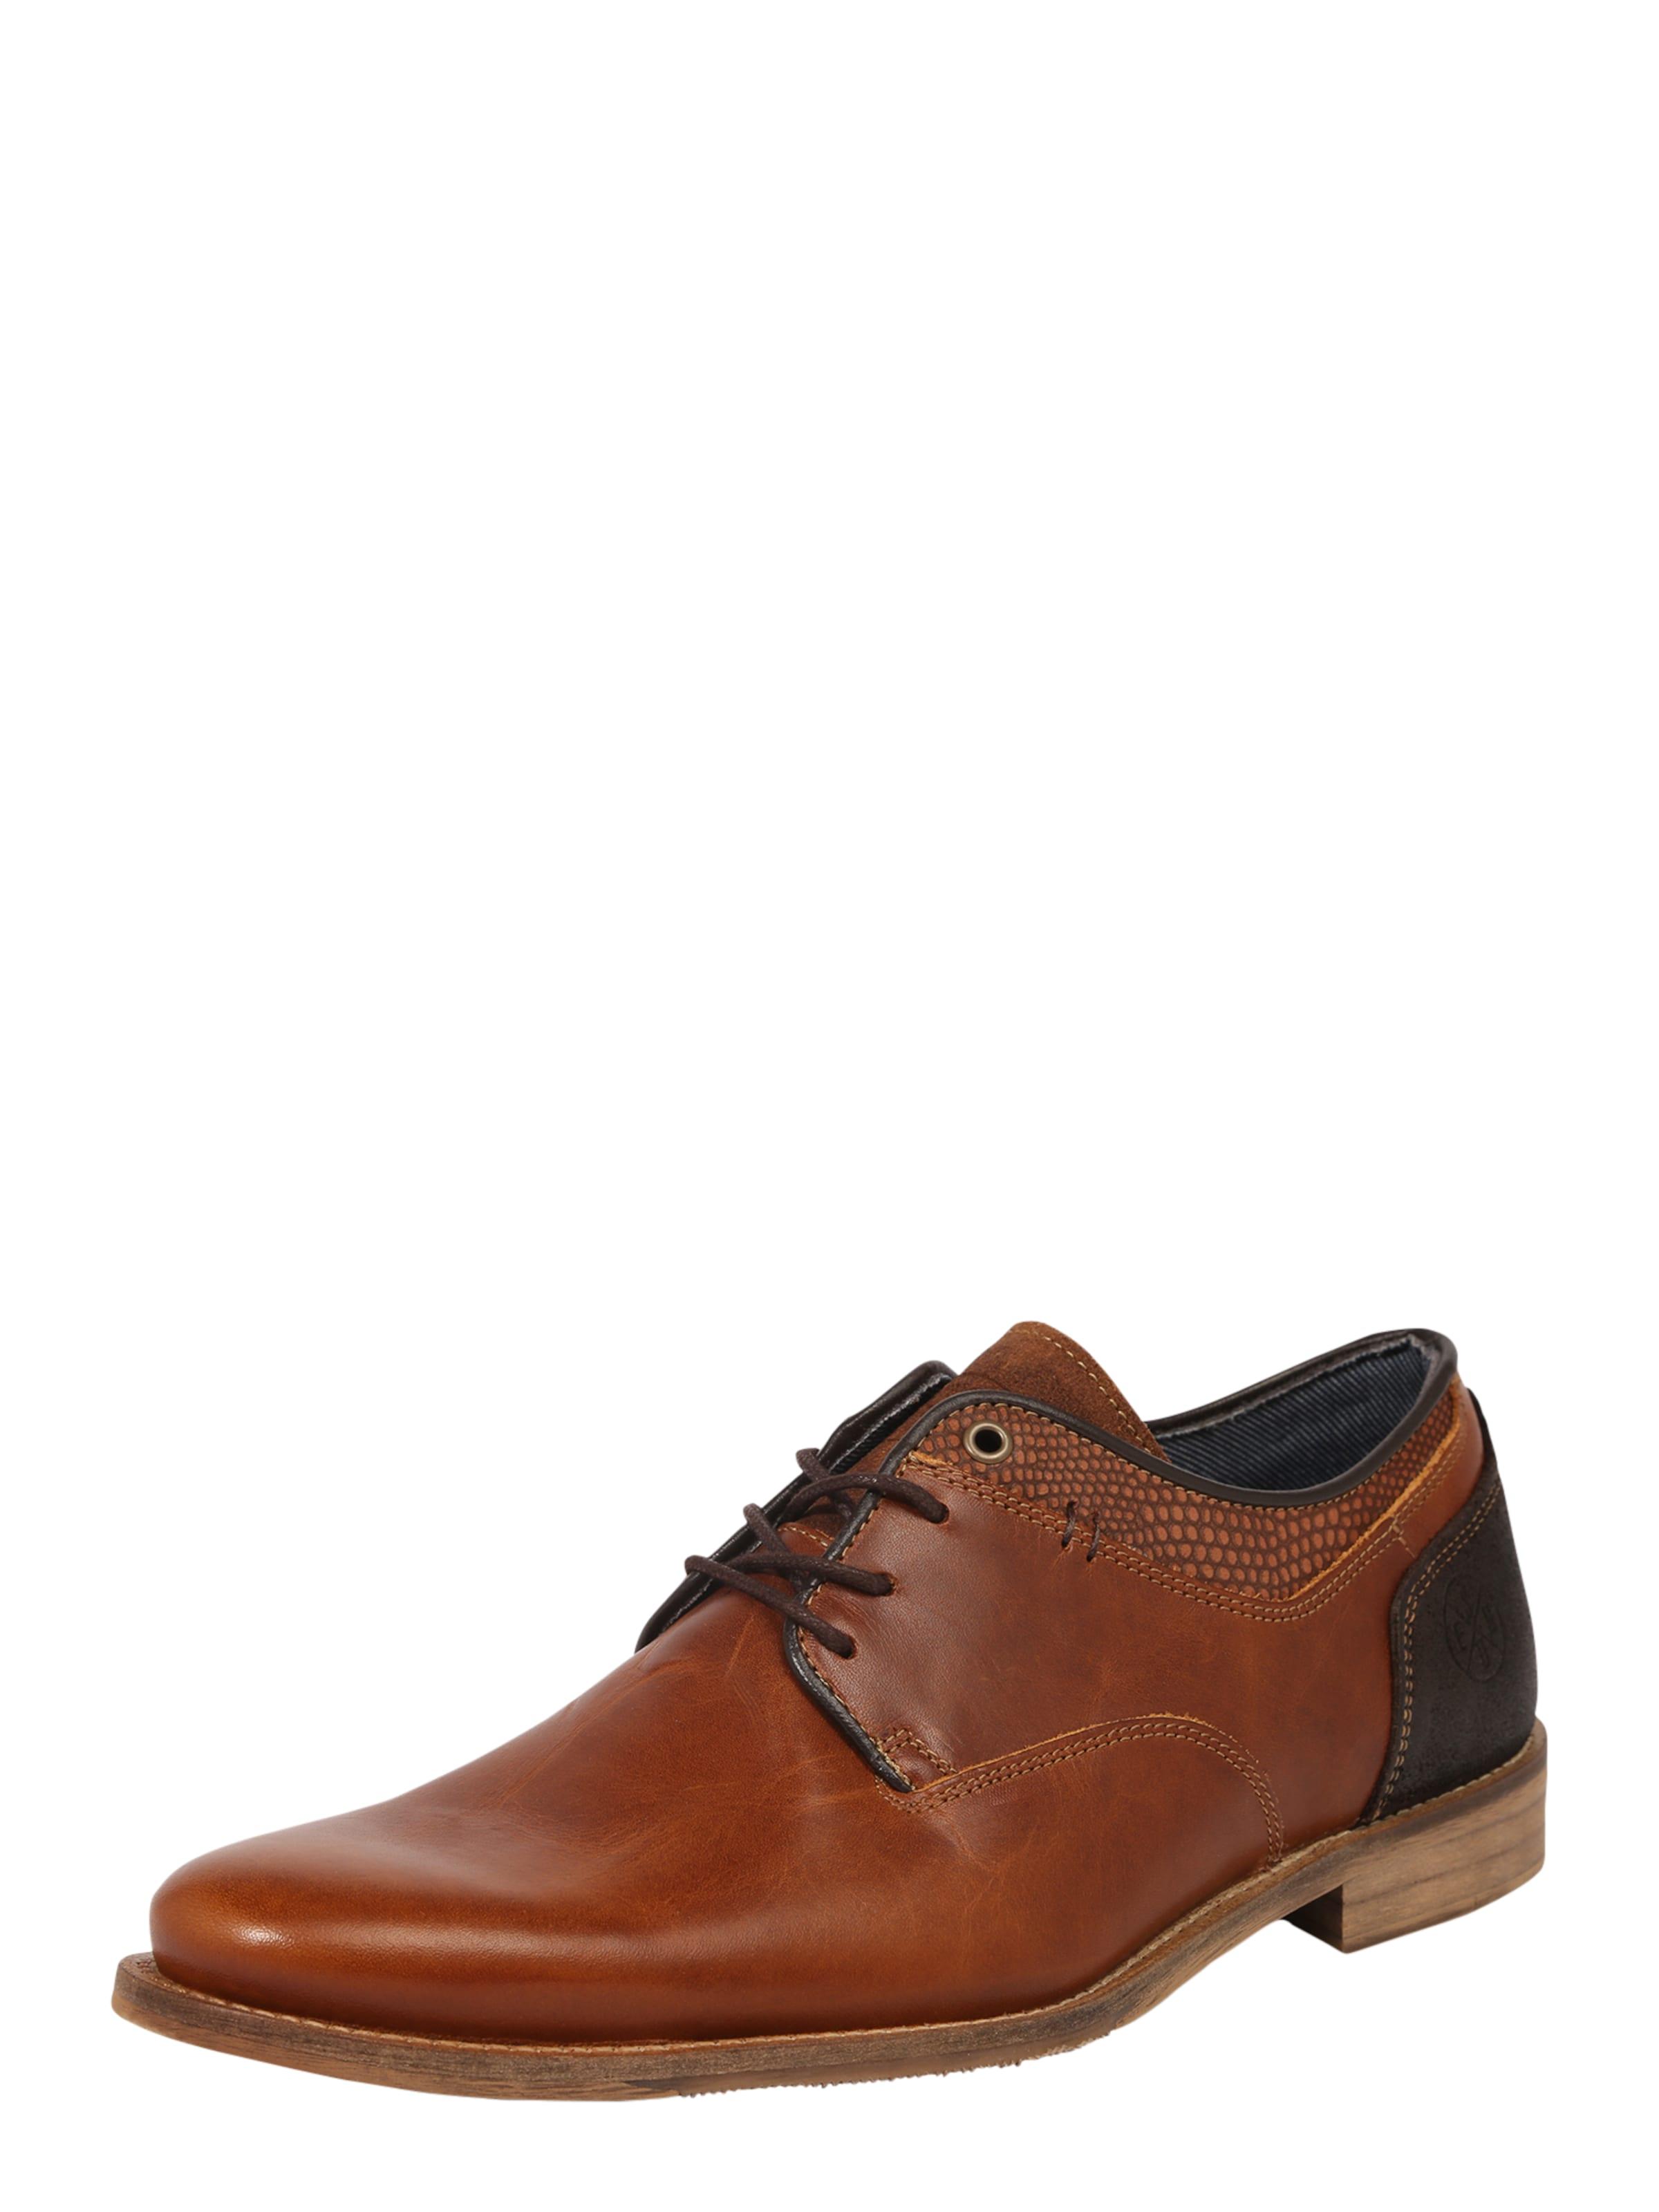 BULLBOXER Schnürschuh Günstige und langlebige Schuhe